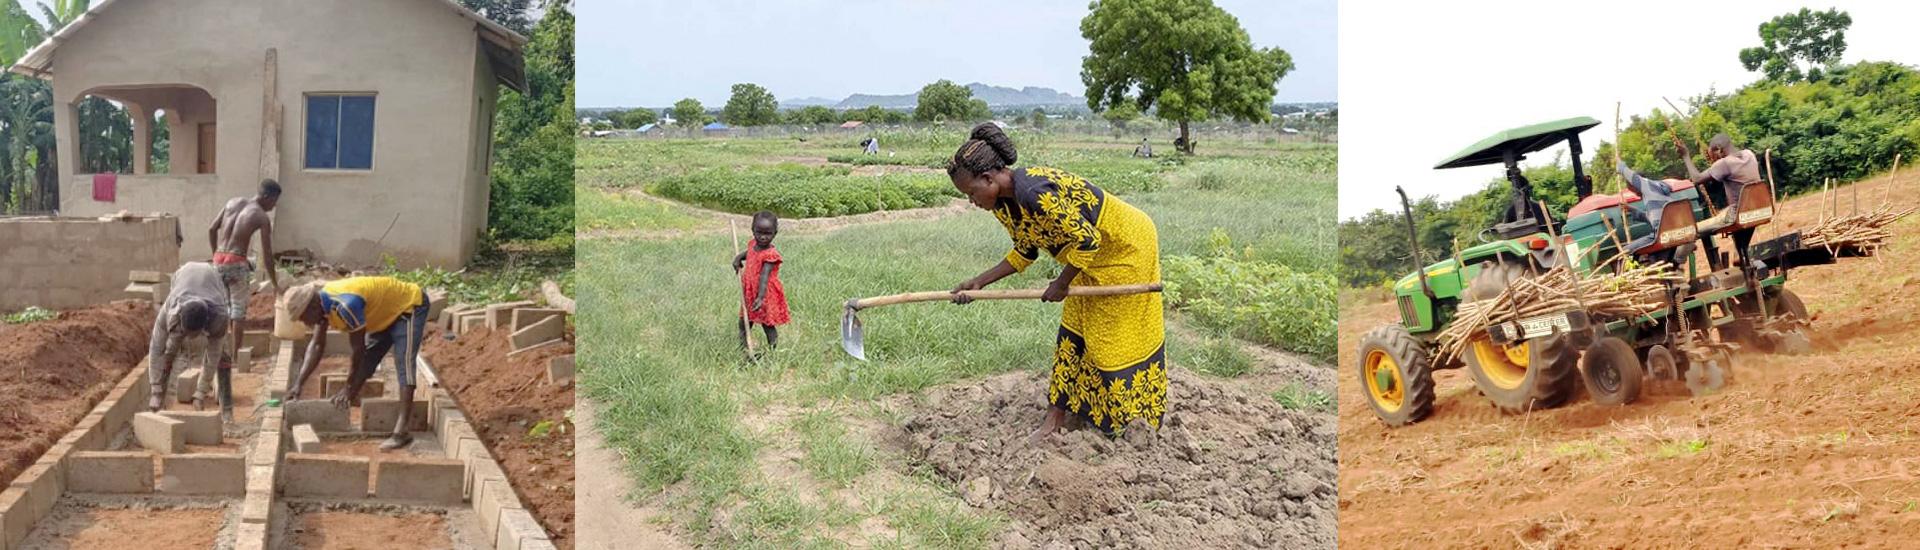 La Granja San José, un centro de formación, investigación y producción agrícola y ganadera en el sur de Nigeria